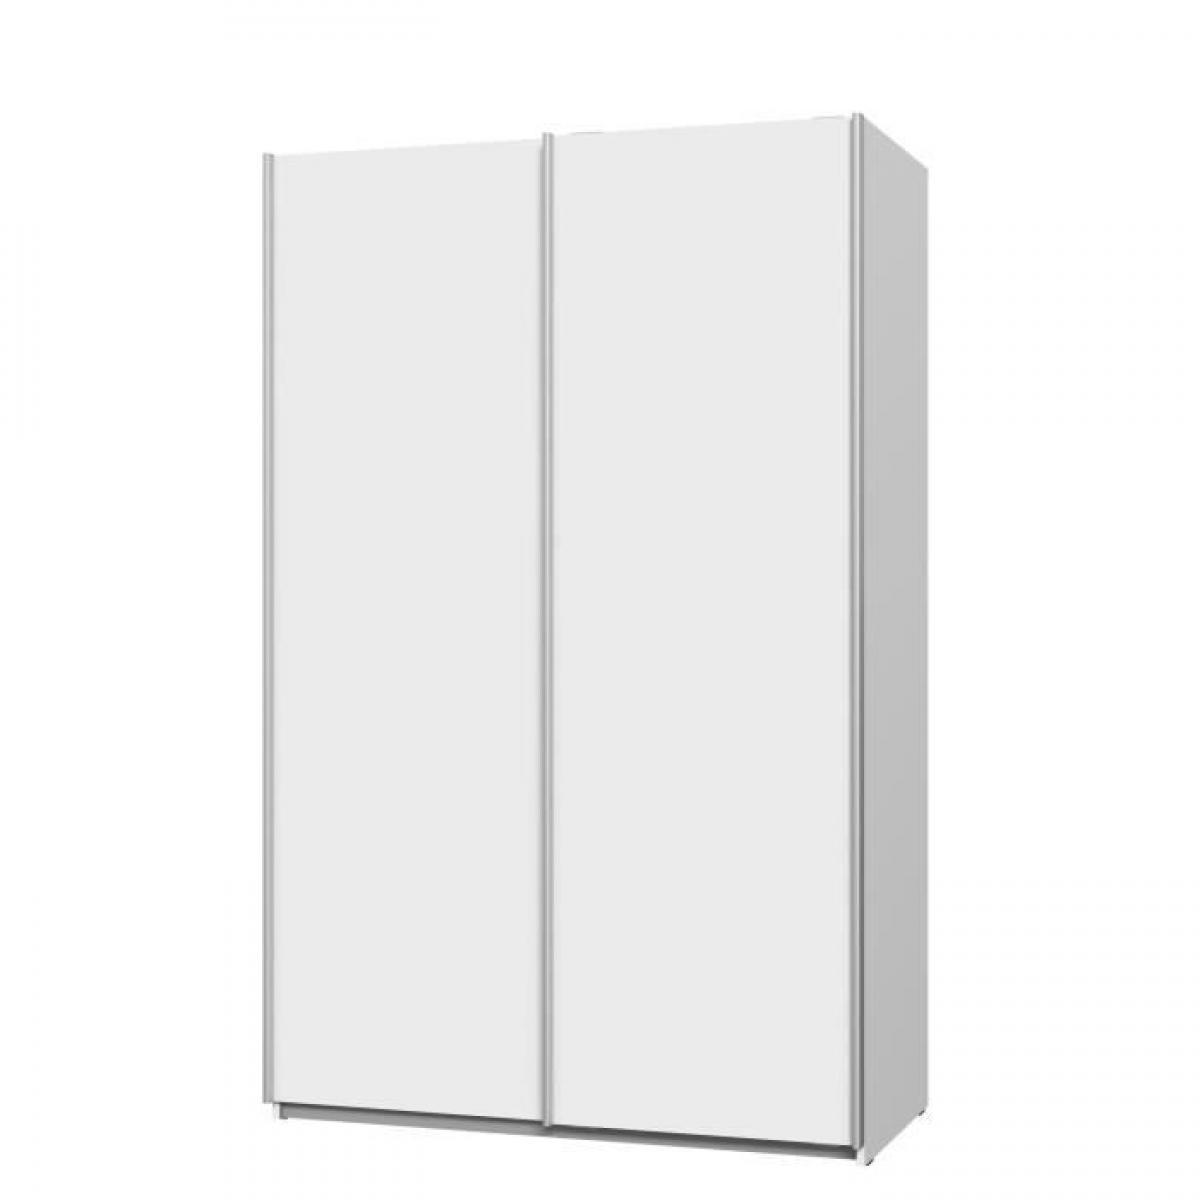 Cstore ULOS Armoire 2 portes coulissantes - Blanc mat